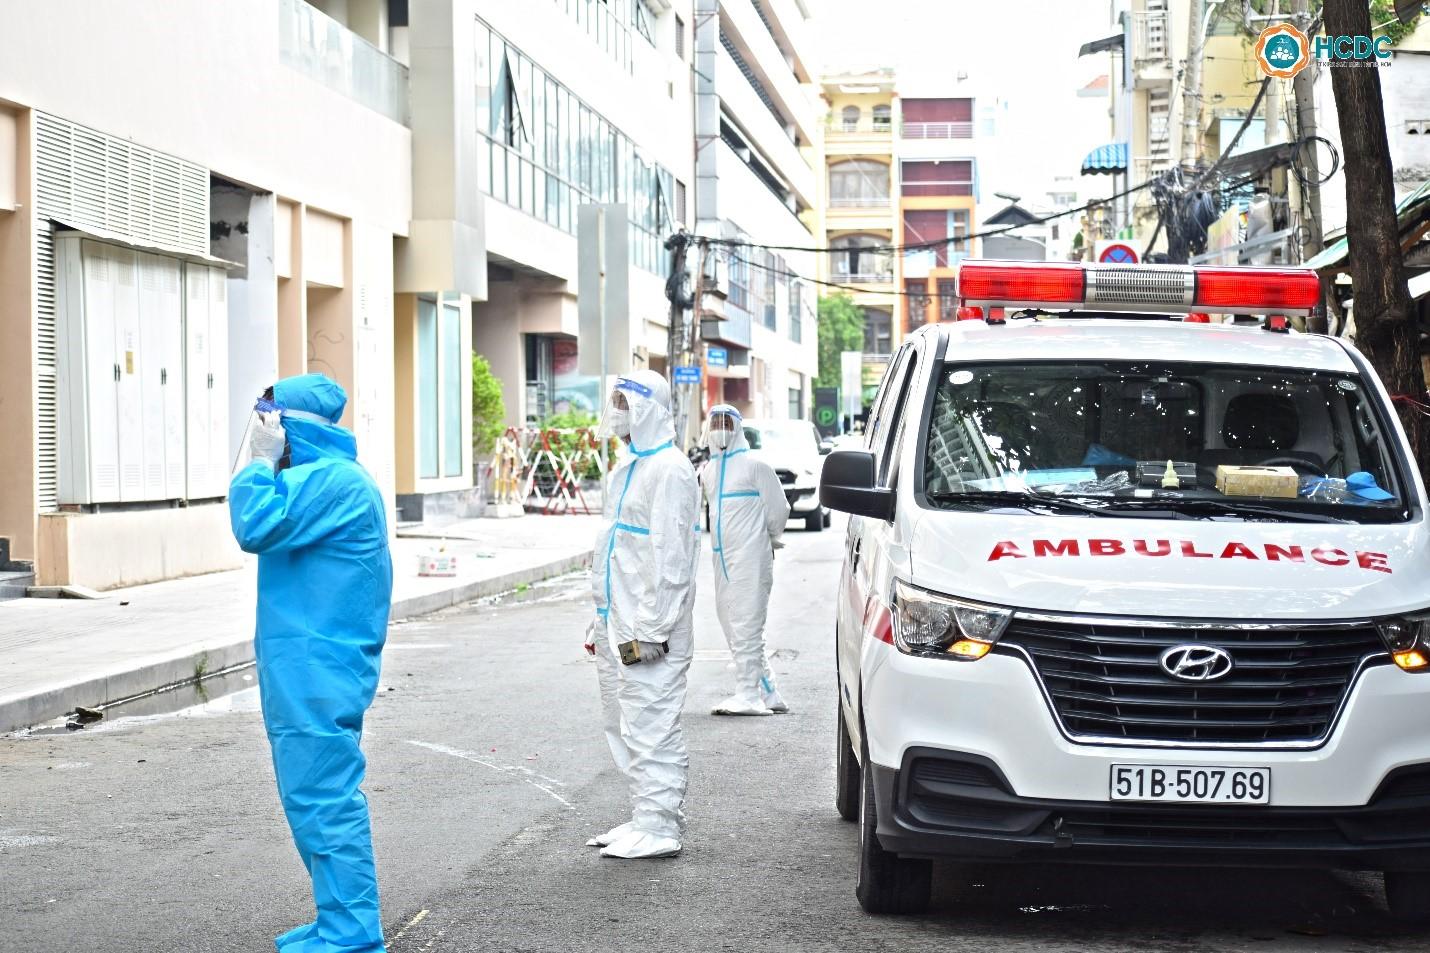 Lúc 13 giờ 30 phút ngày 22/7, chuyến xe đưa những bệnh nhân F0 đầu tiên điều trị tại Bệnh viện dã chiến số 5 đã có mặt trước cửa bệnh viện. Ảnh: HCDC